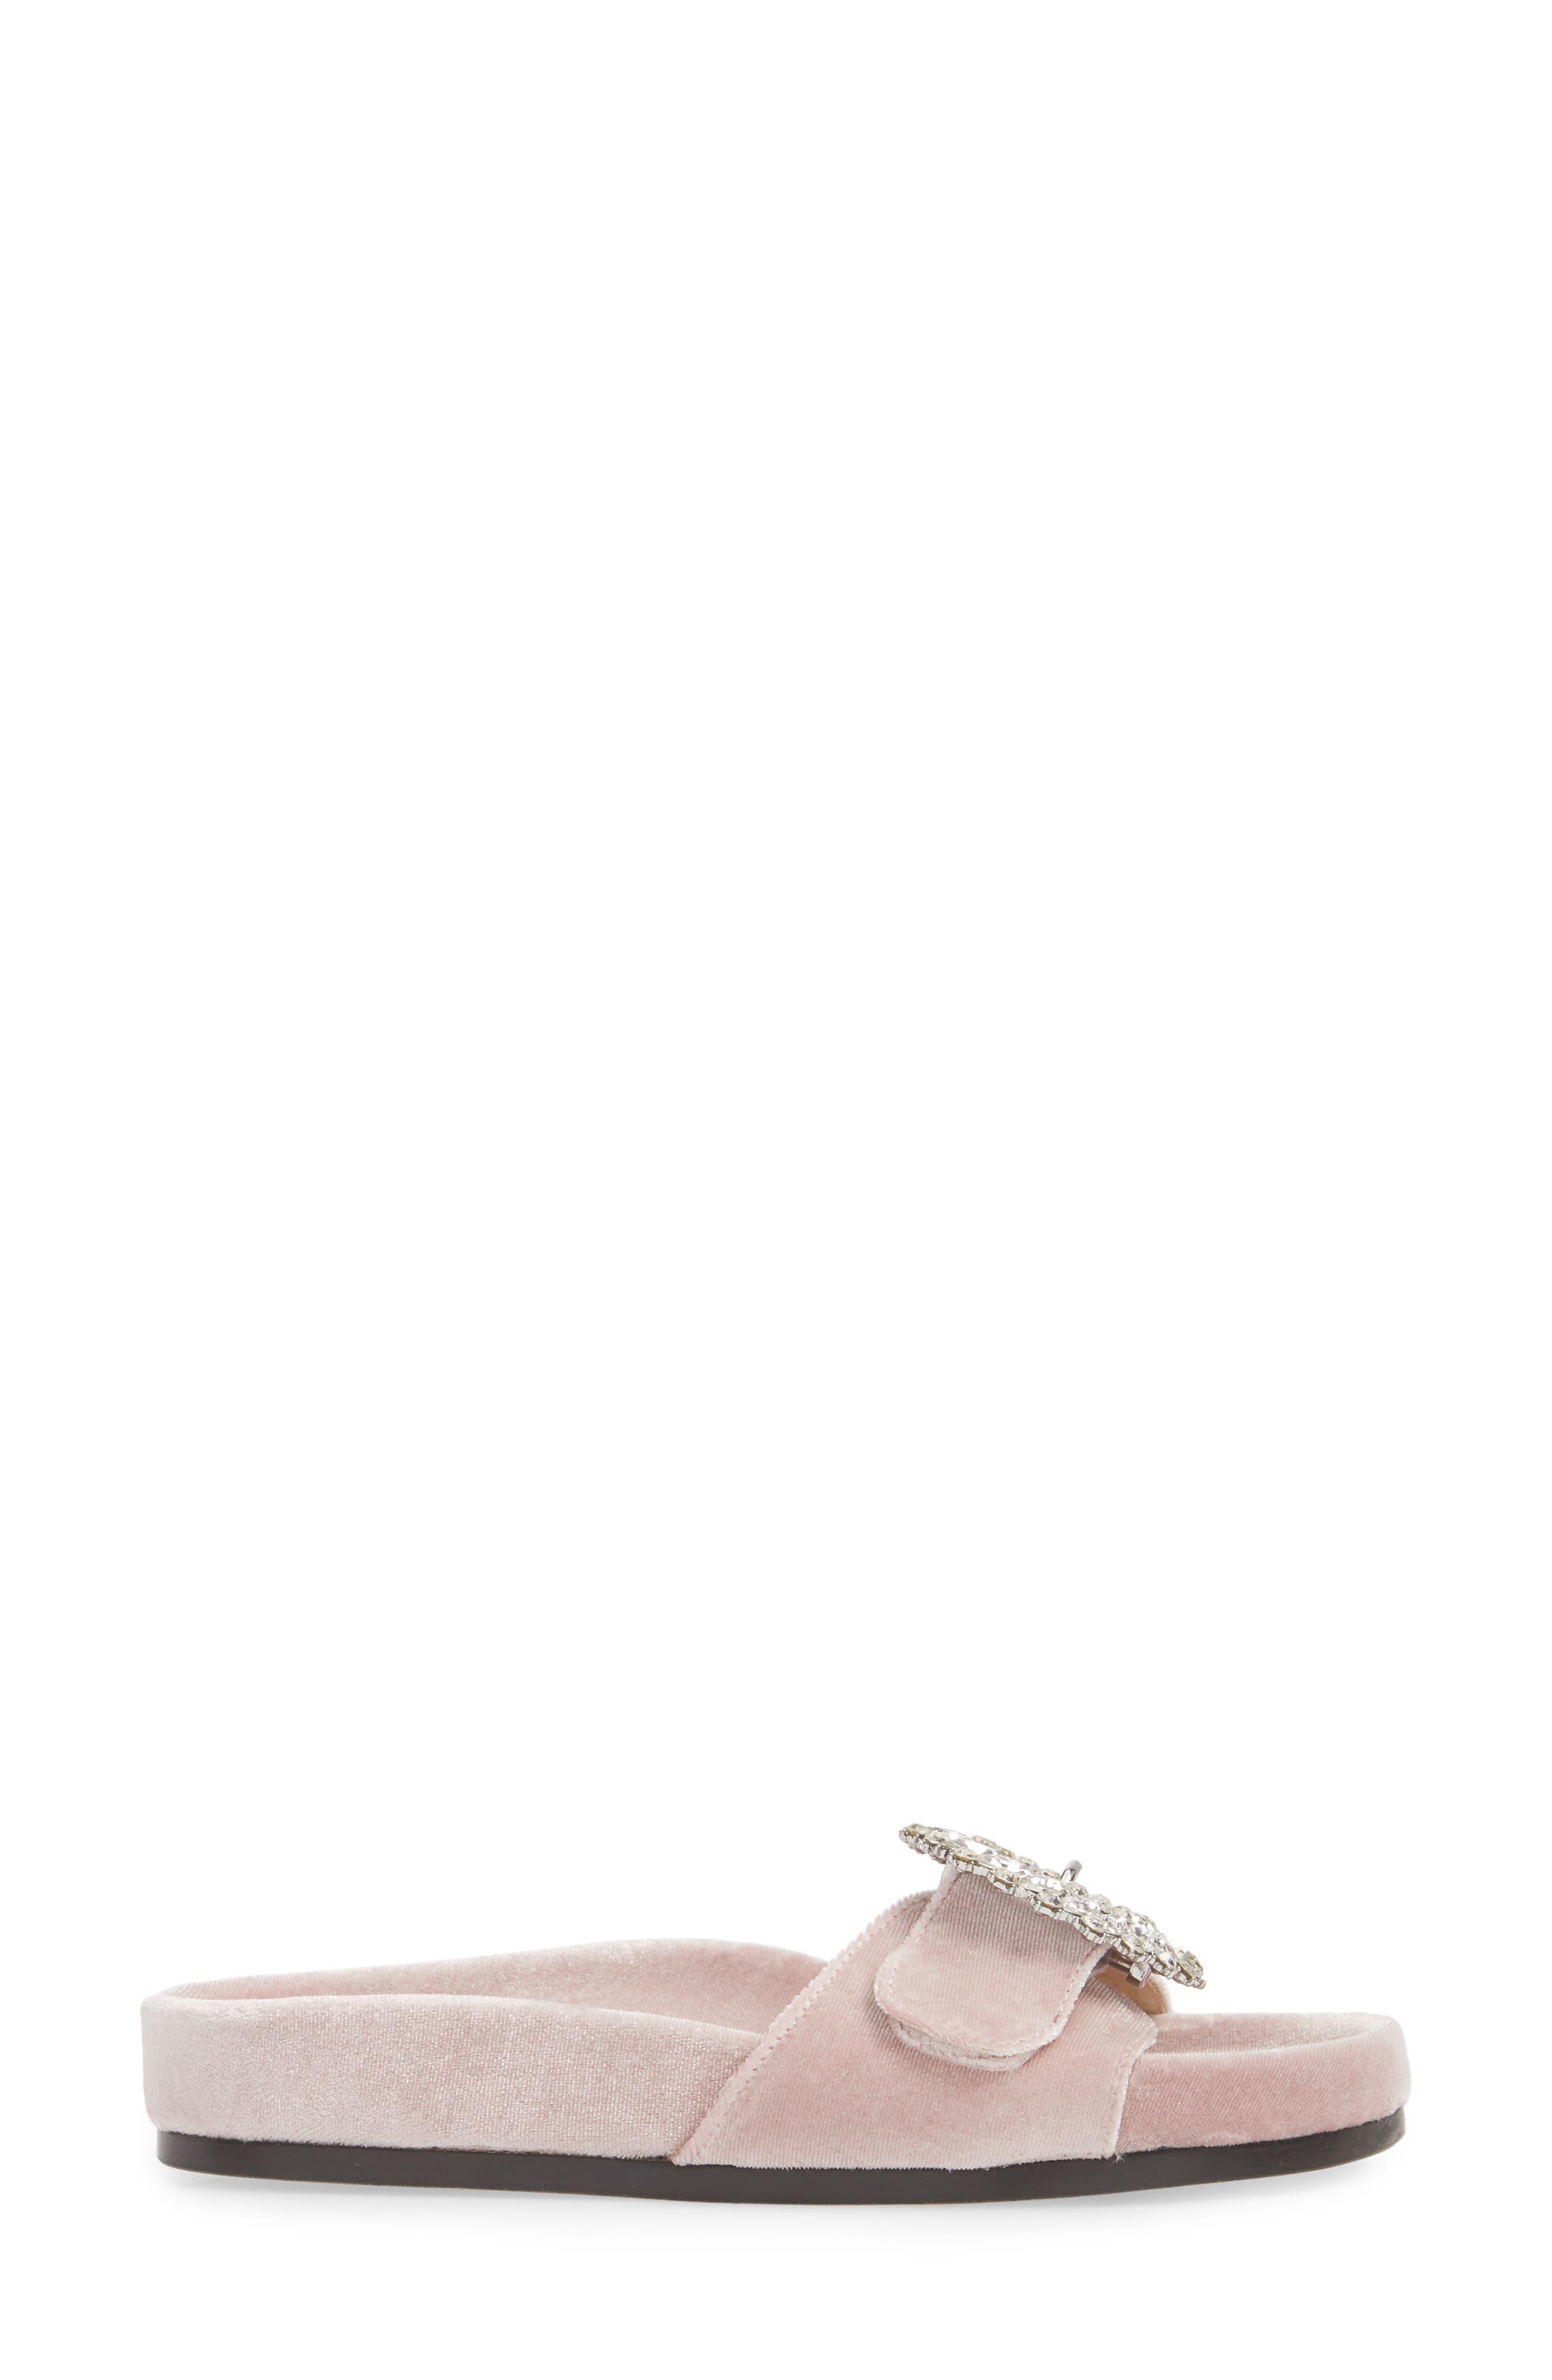 Upolu Embellished Slide Sandal,                             Alternate thumbnail 3, color,                             Blush Velvet/ Silver